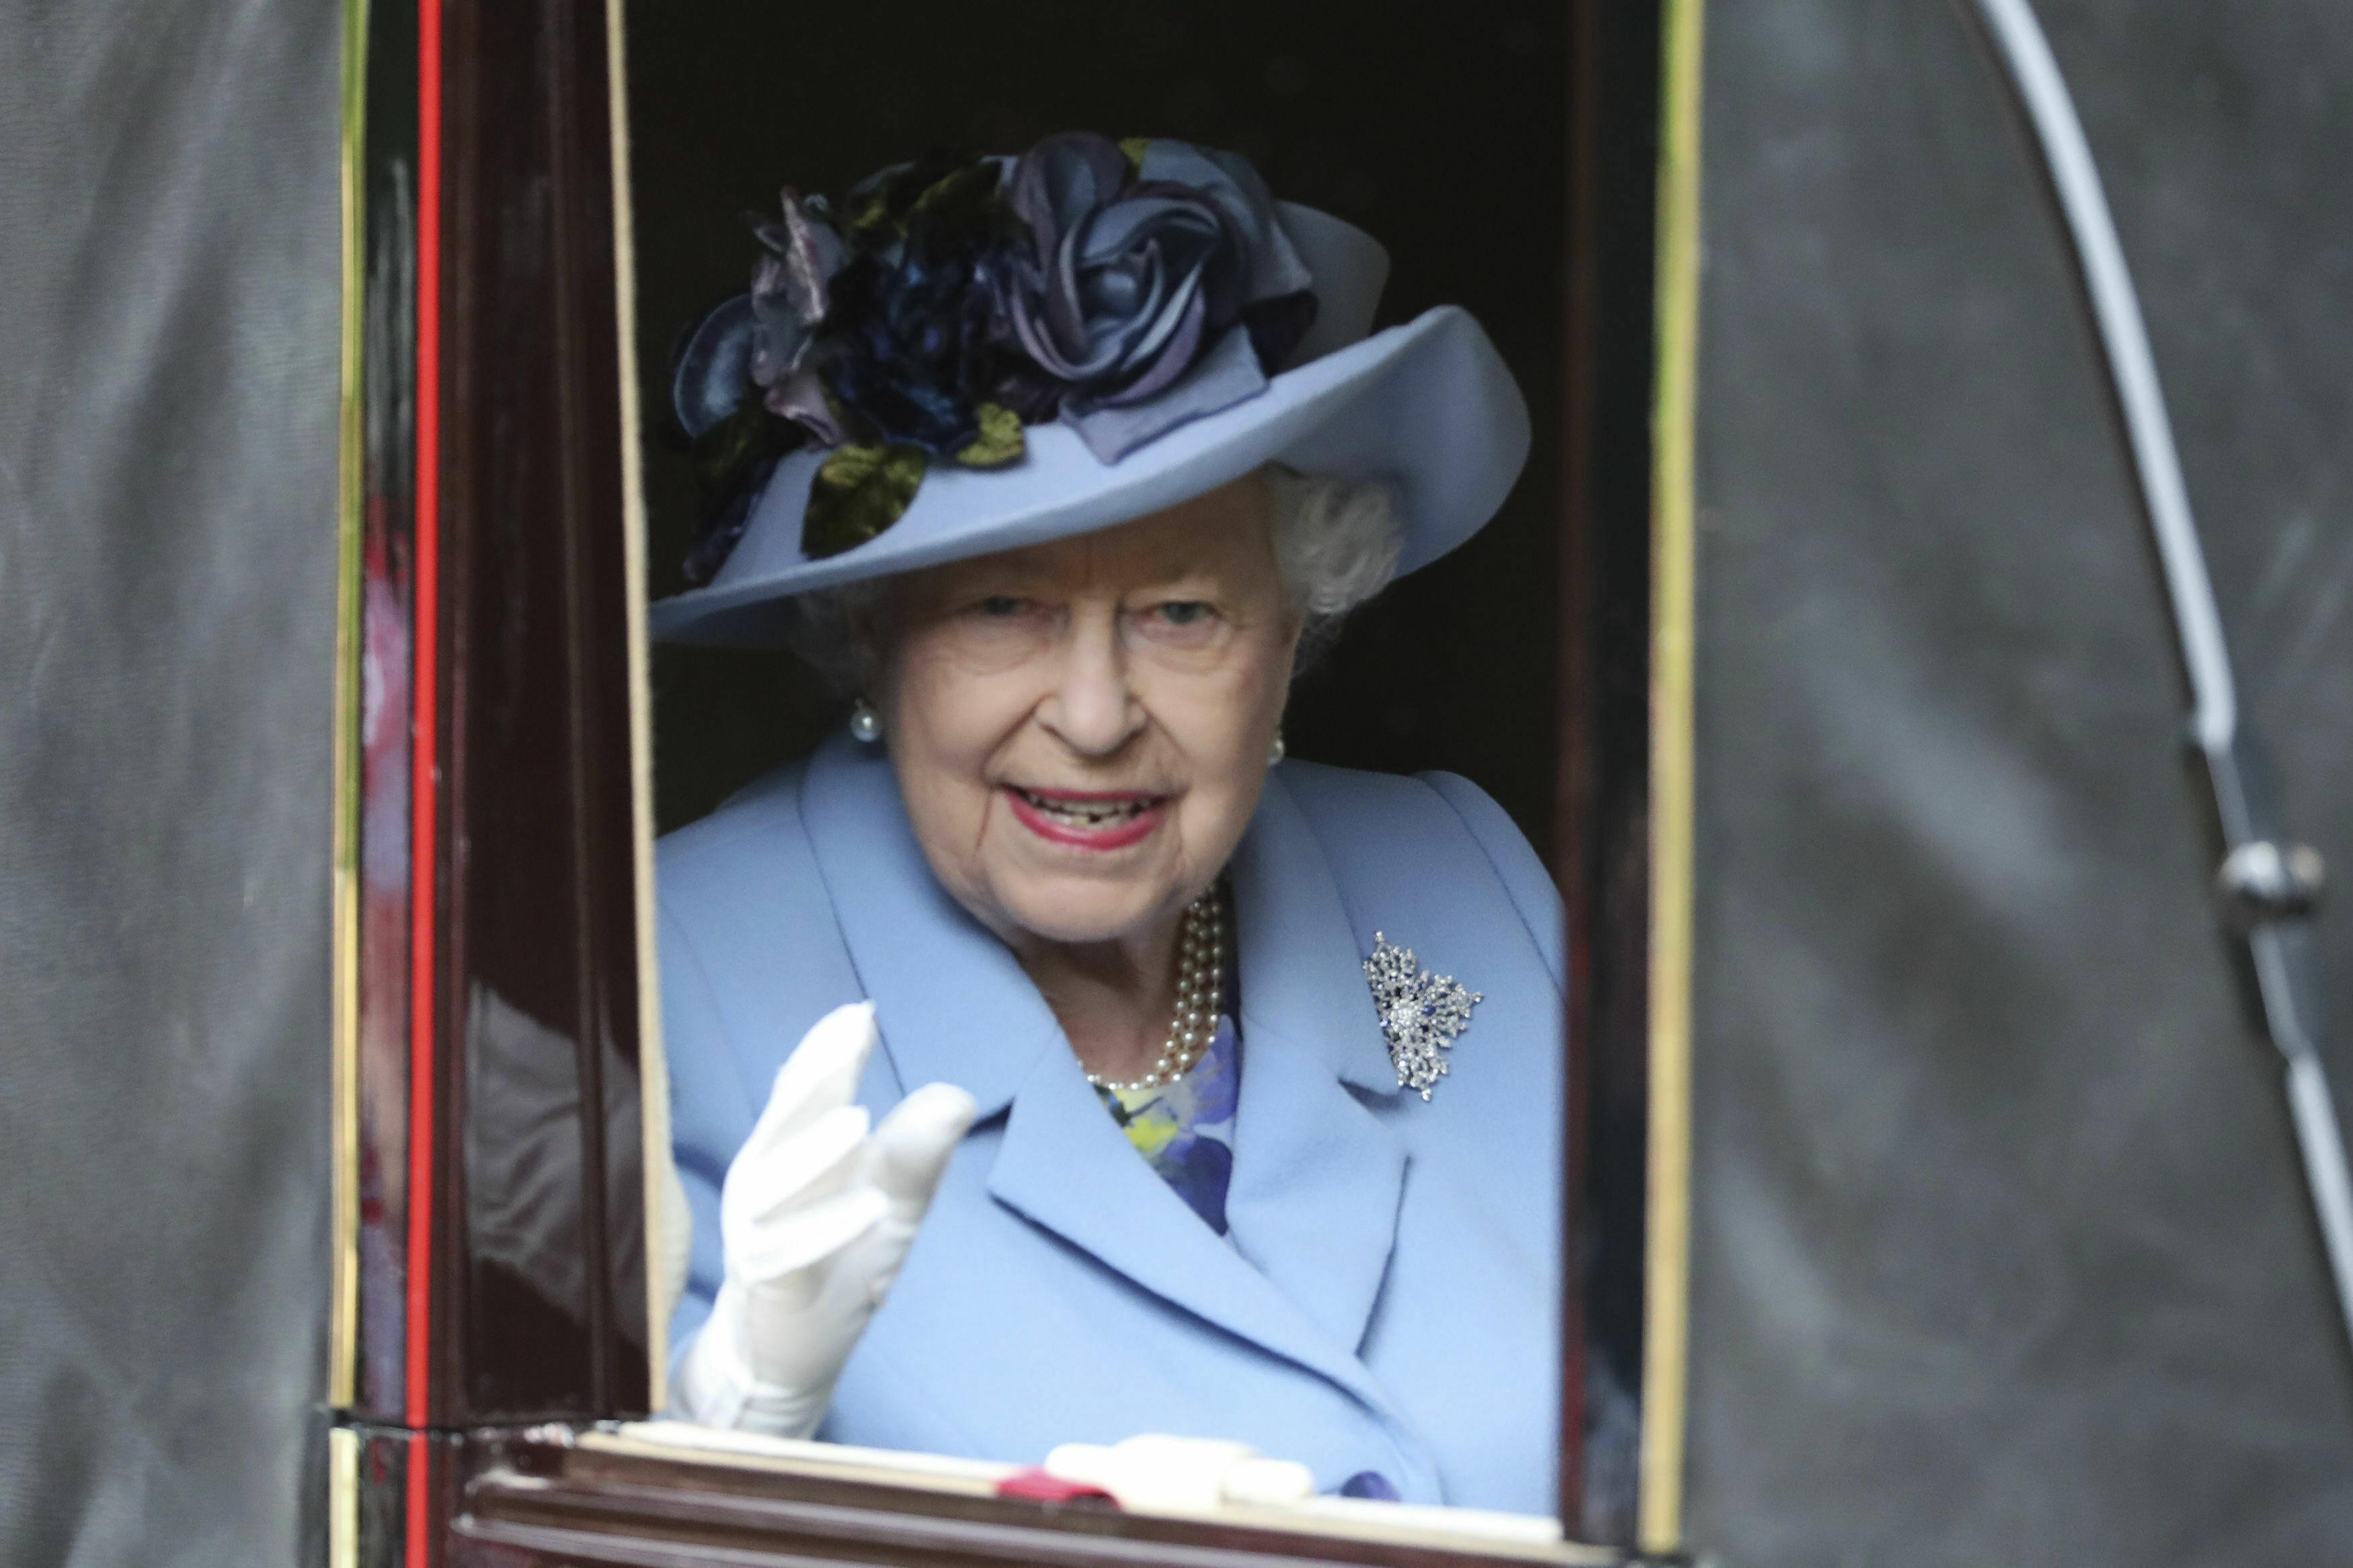 """El 13 de enero, la reina Elizabeth II otorgó el visto bueno para que Meghan y Harry comenzaran un período de transición. La soberana afirmó su apoyo al """"deseo"""" de su nieto y la exactriz norteamericana de """"crear una nueva vida como una familia joven"""", aunque admitió que le hubiese gustado que permanecieran en sus papeles, según lo previsto. (Archivo)"""